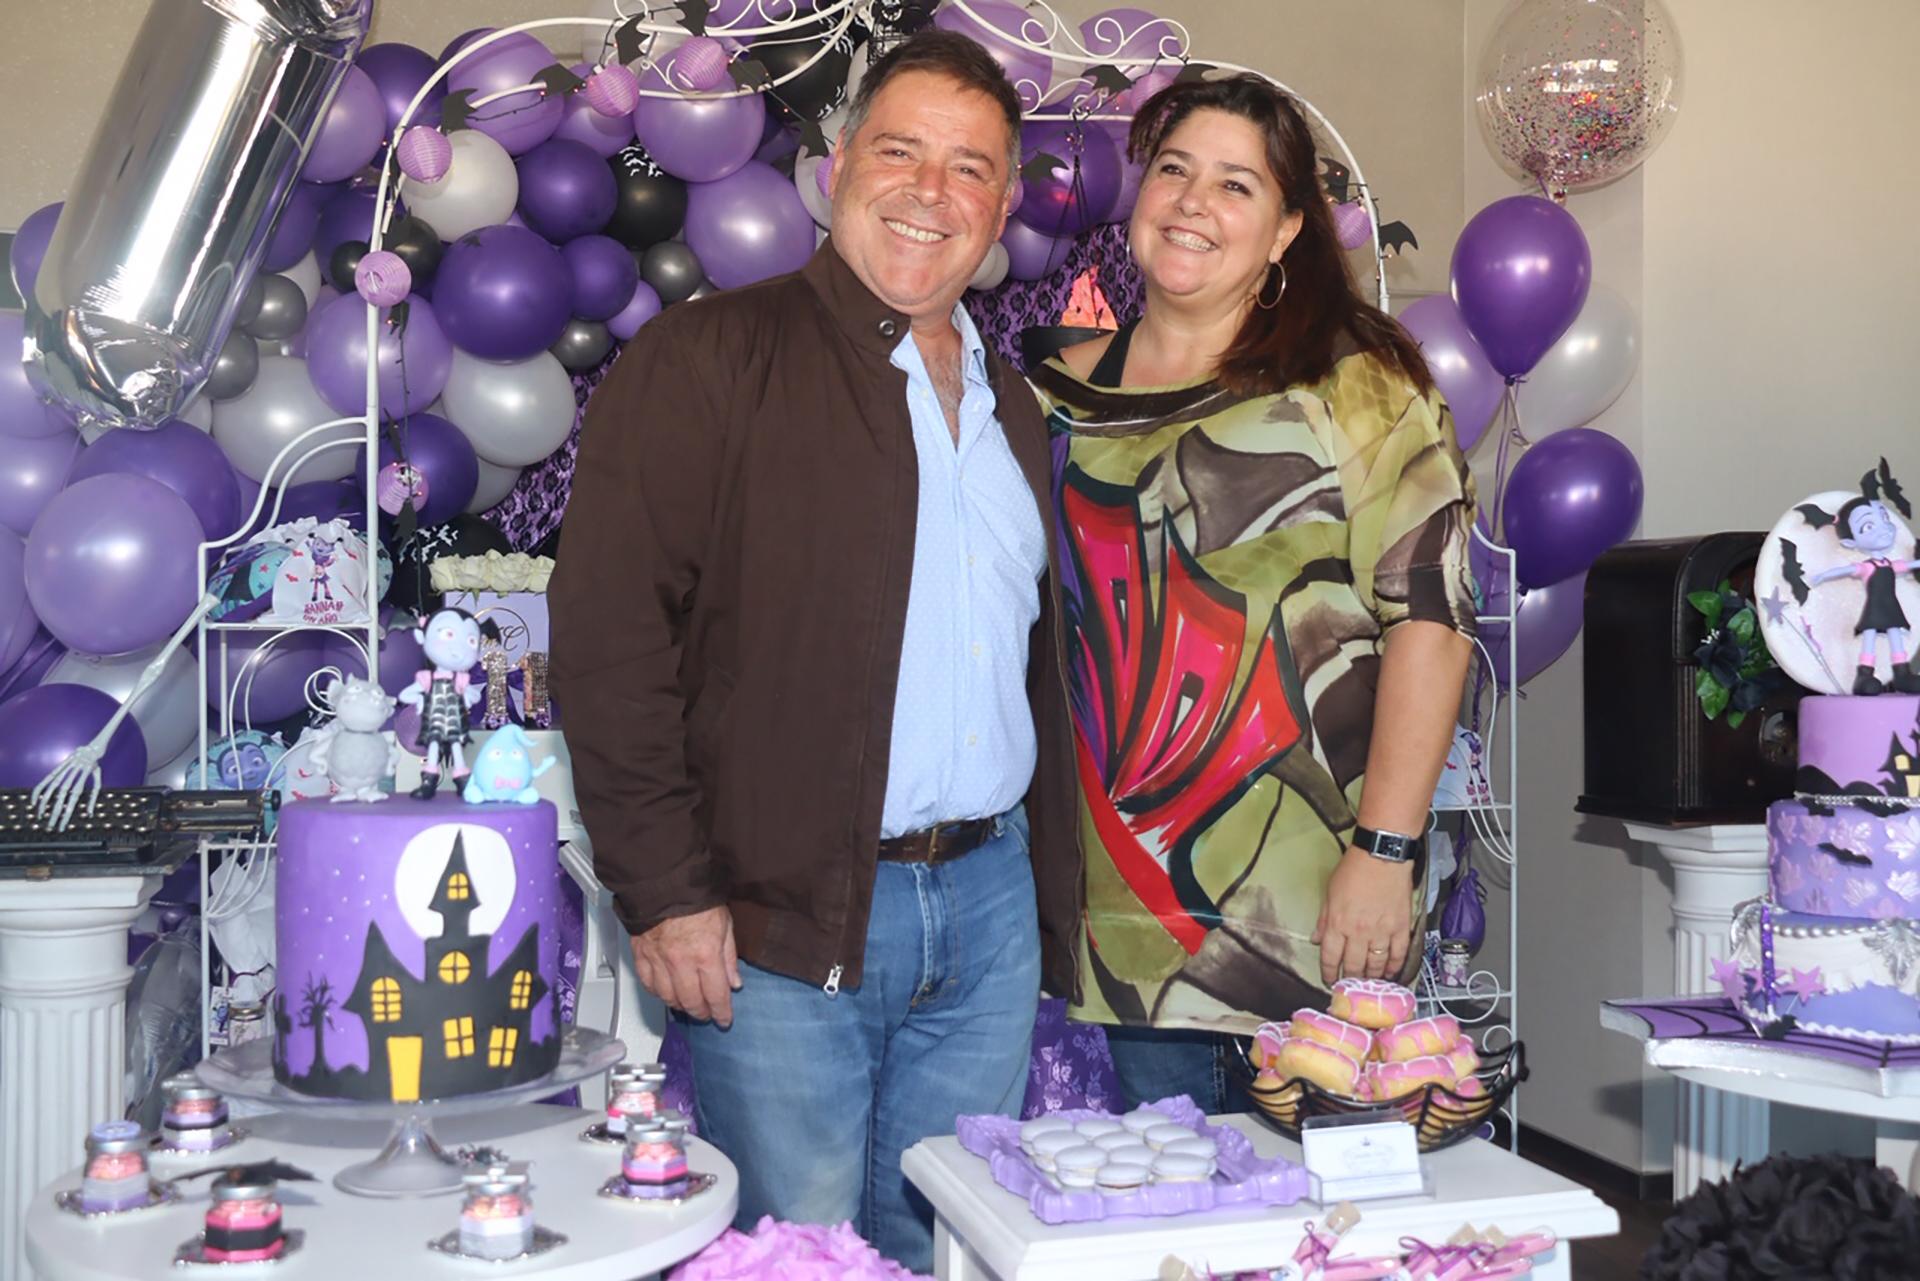 Carna y su esposa, Claudia Ares, quien se encargó del evento